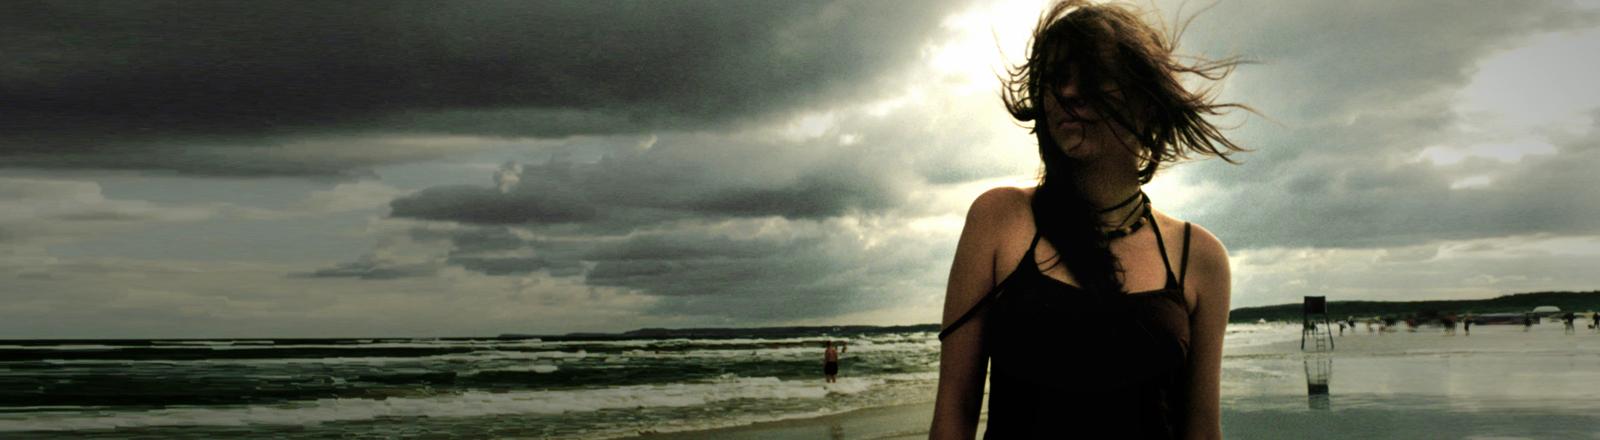 Eine Frau steht an einem stürmischen Tag am Strand.